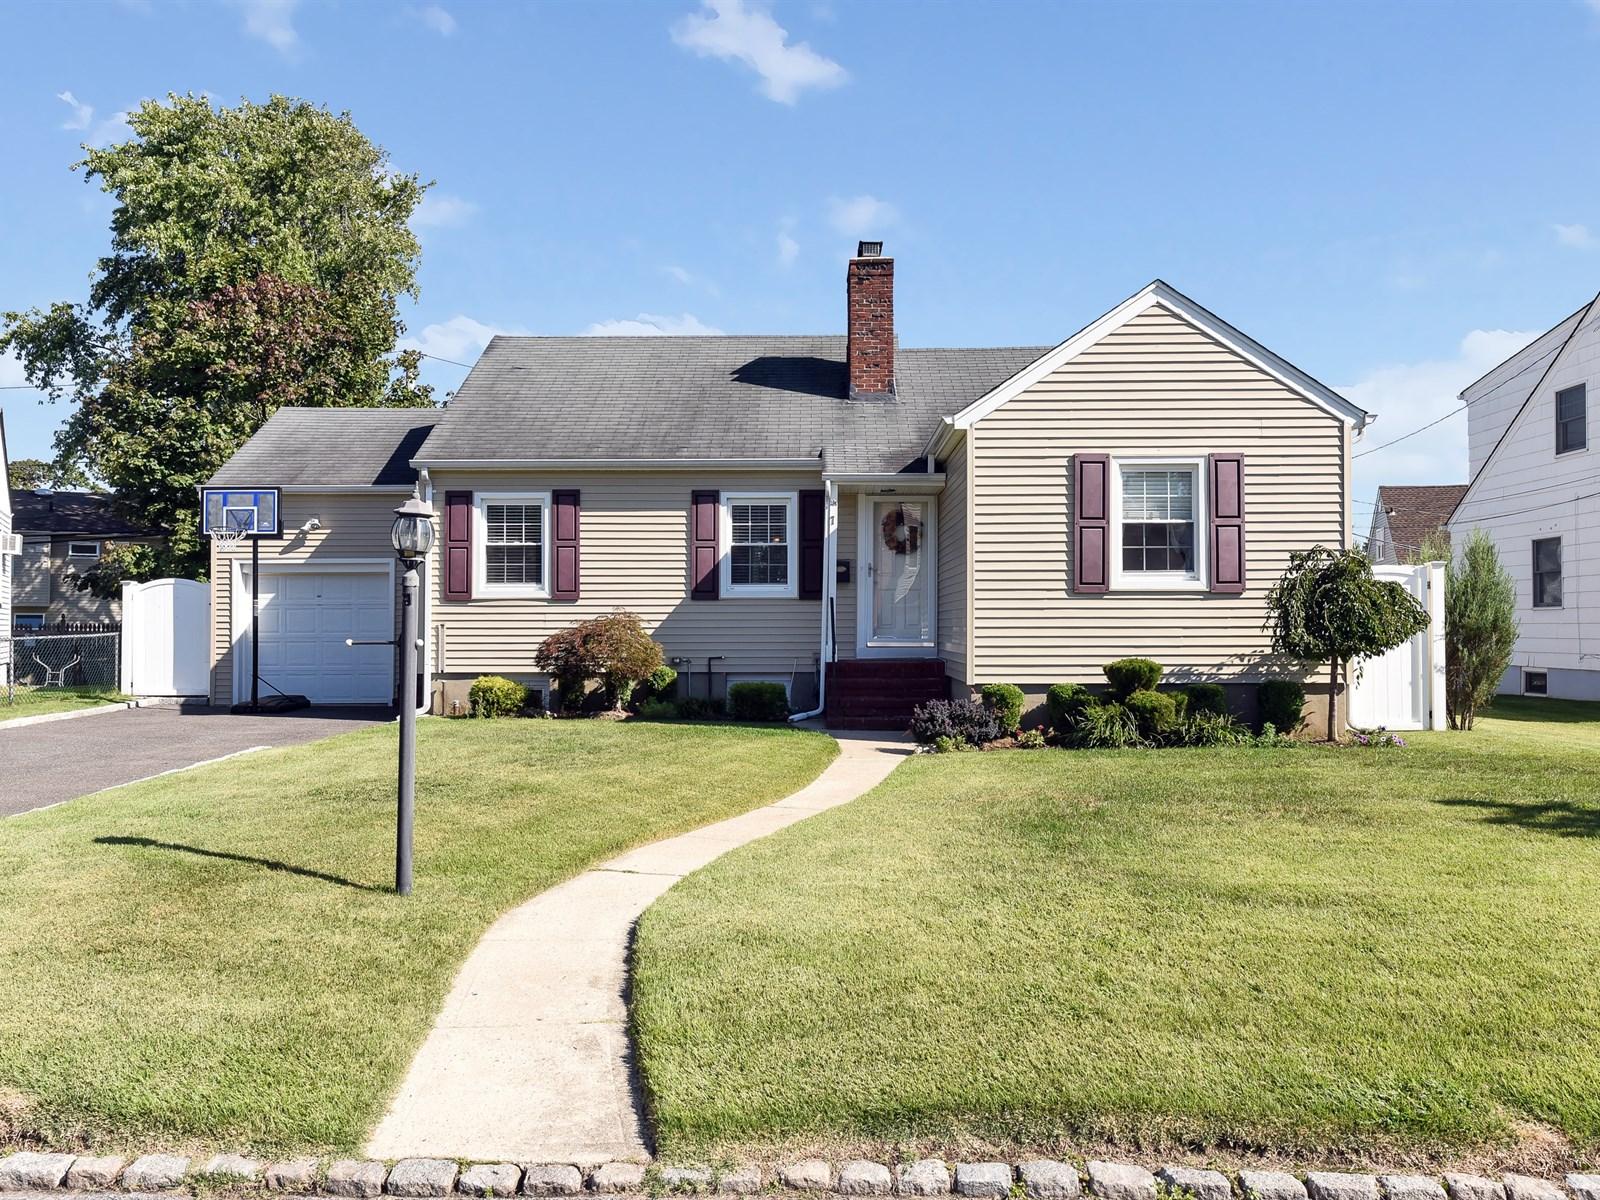 Casa para uma família para Venda às Ranch 7 Quail Pl East Rockaway, Nova York 11518 Estados Unidos